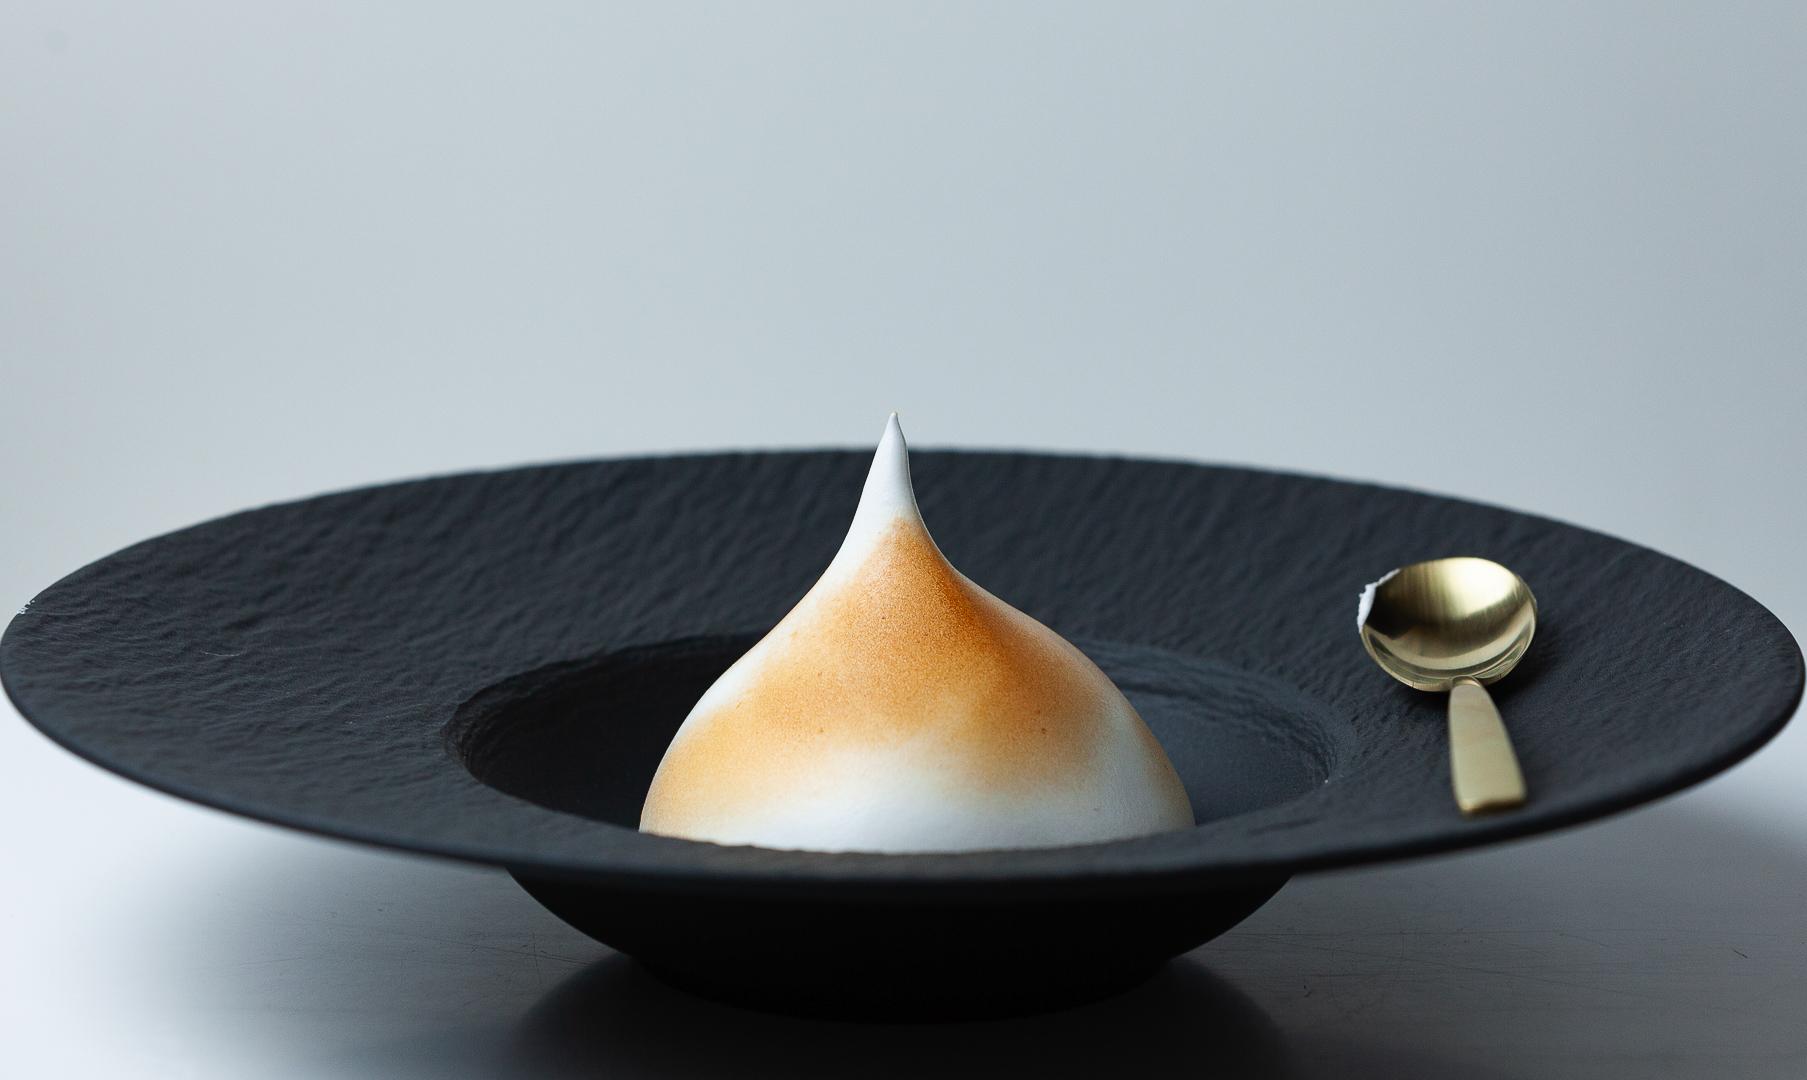 omellette-norvegienne-une-glace-a-paris-assiette-guy-degrenne